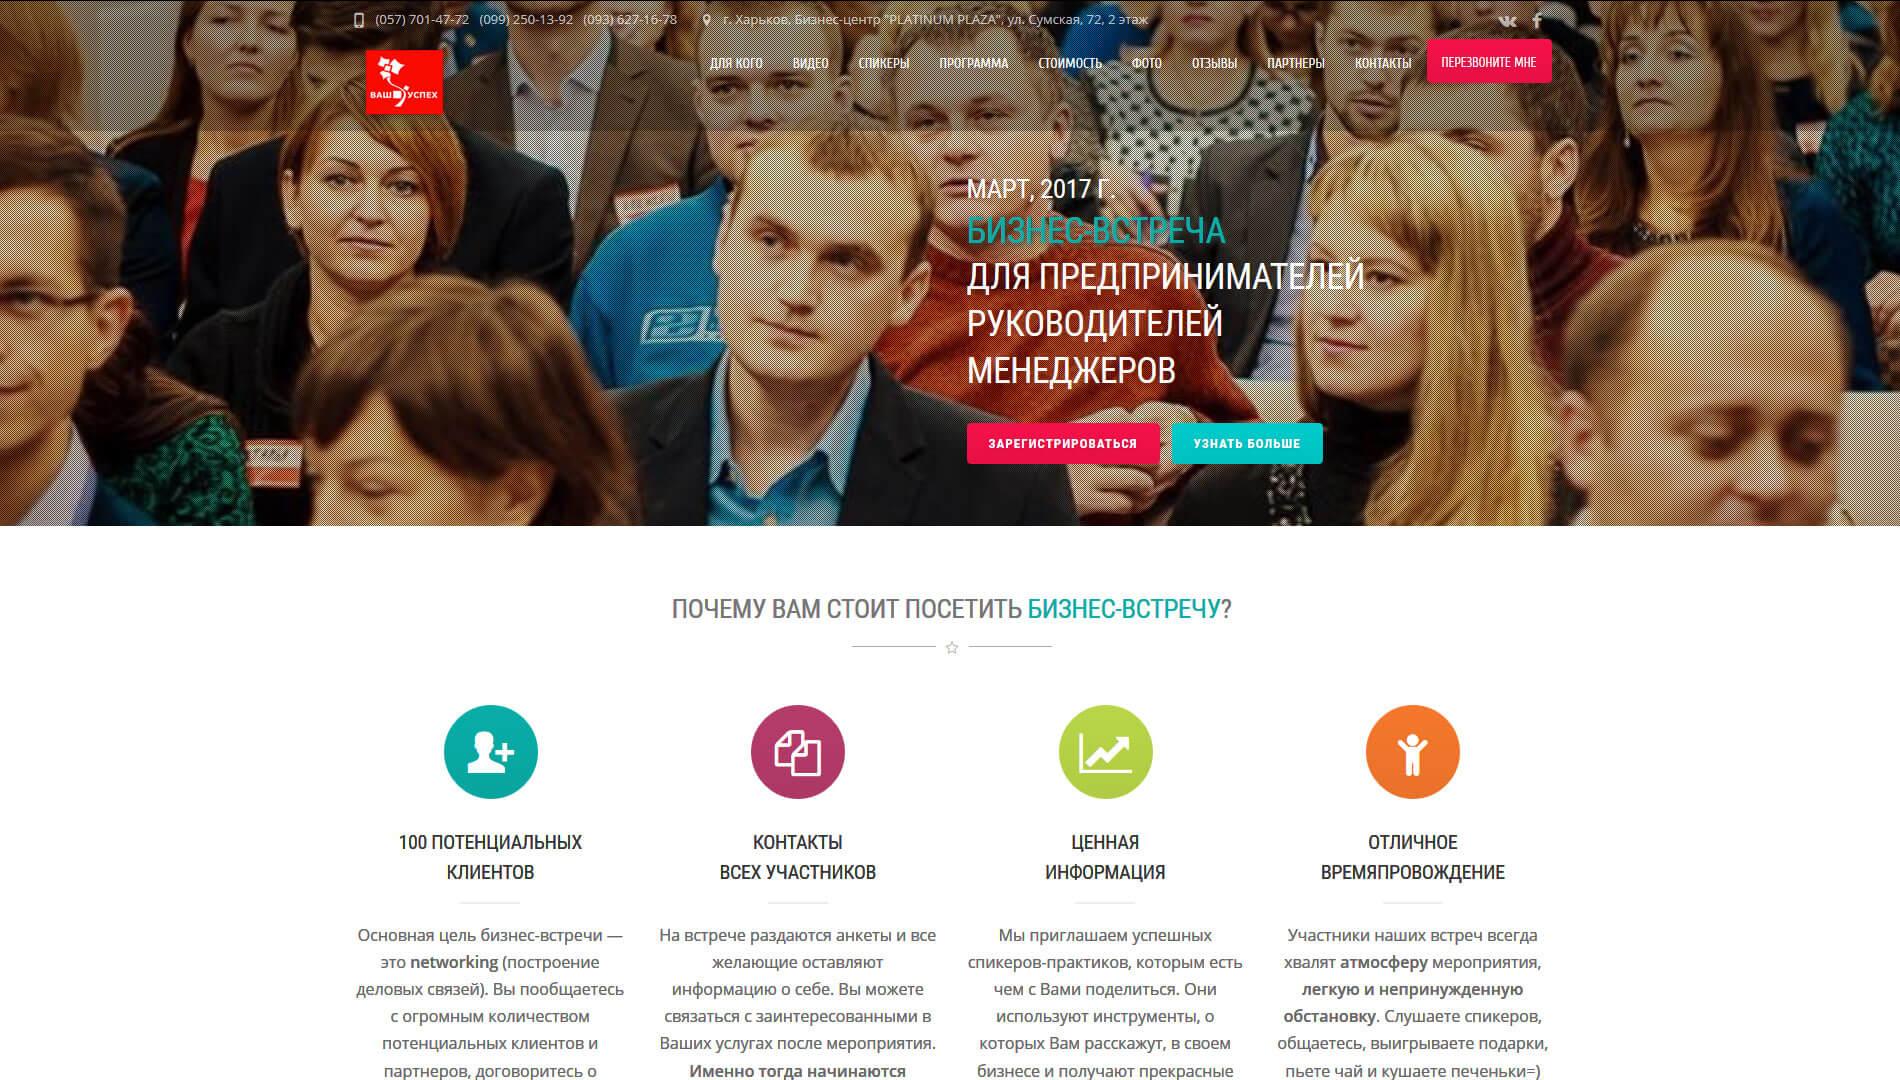 Создание одностраничного сайта для мероприятия Бизнес-встречи для предпринимателей